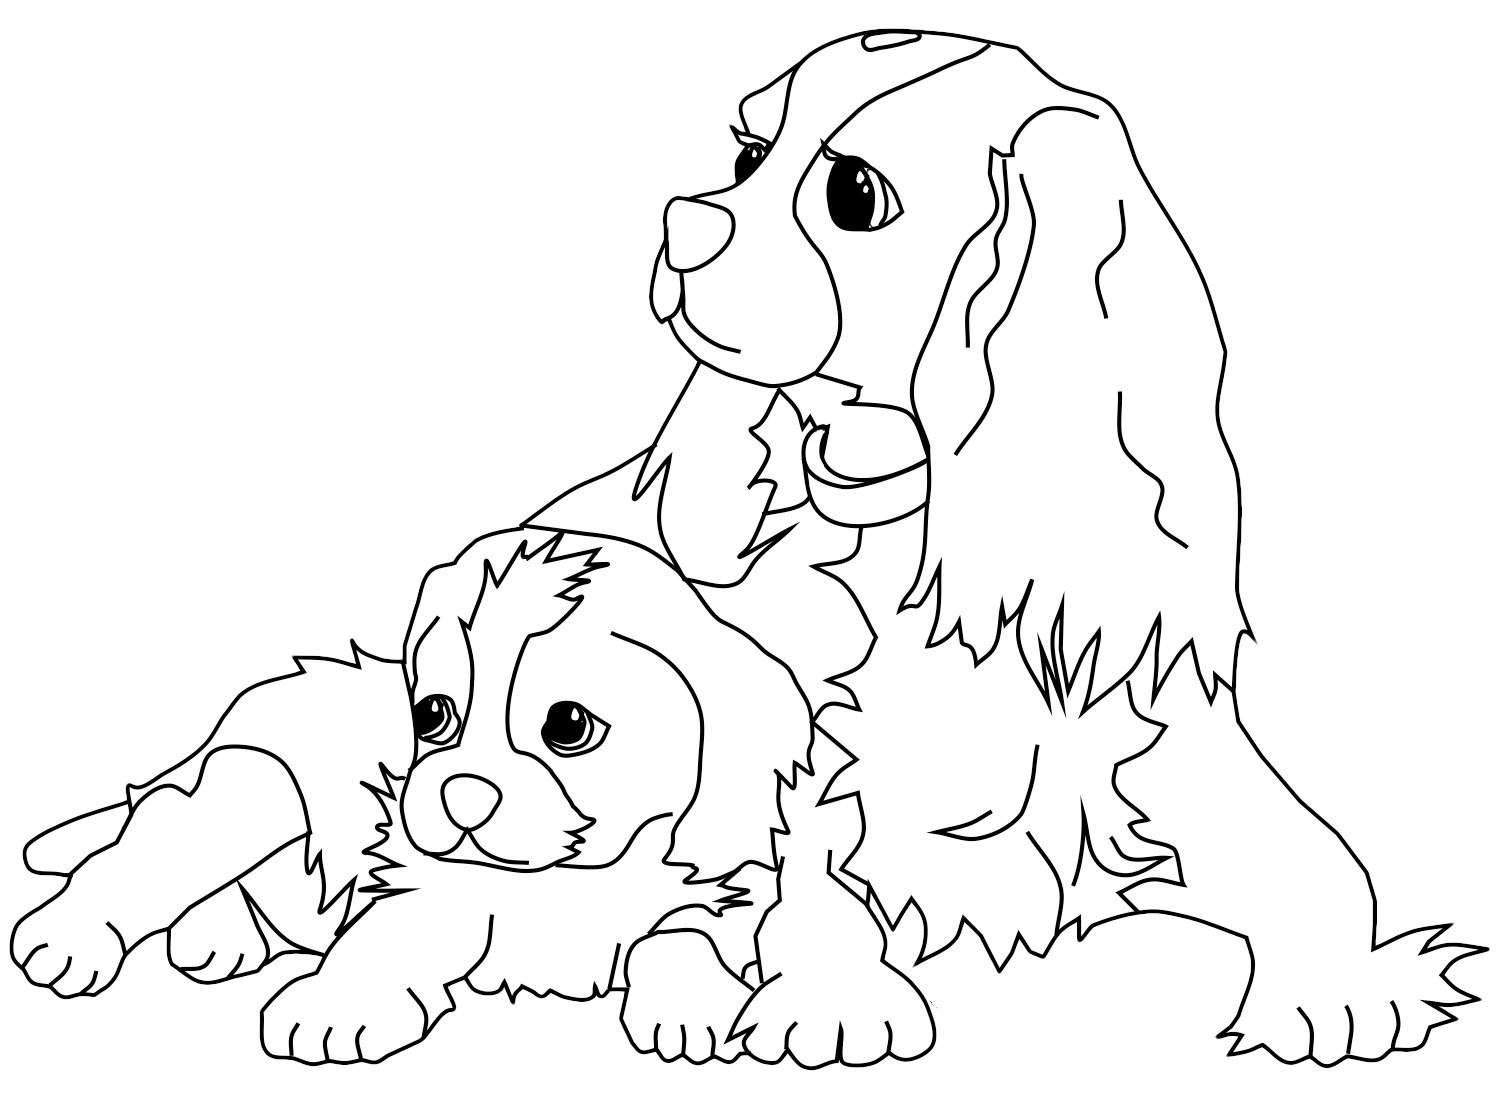 Dibujos de perros para colorear. Dibujos de razas de perros para